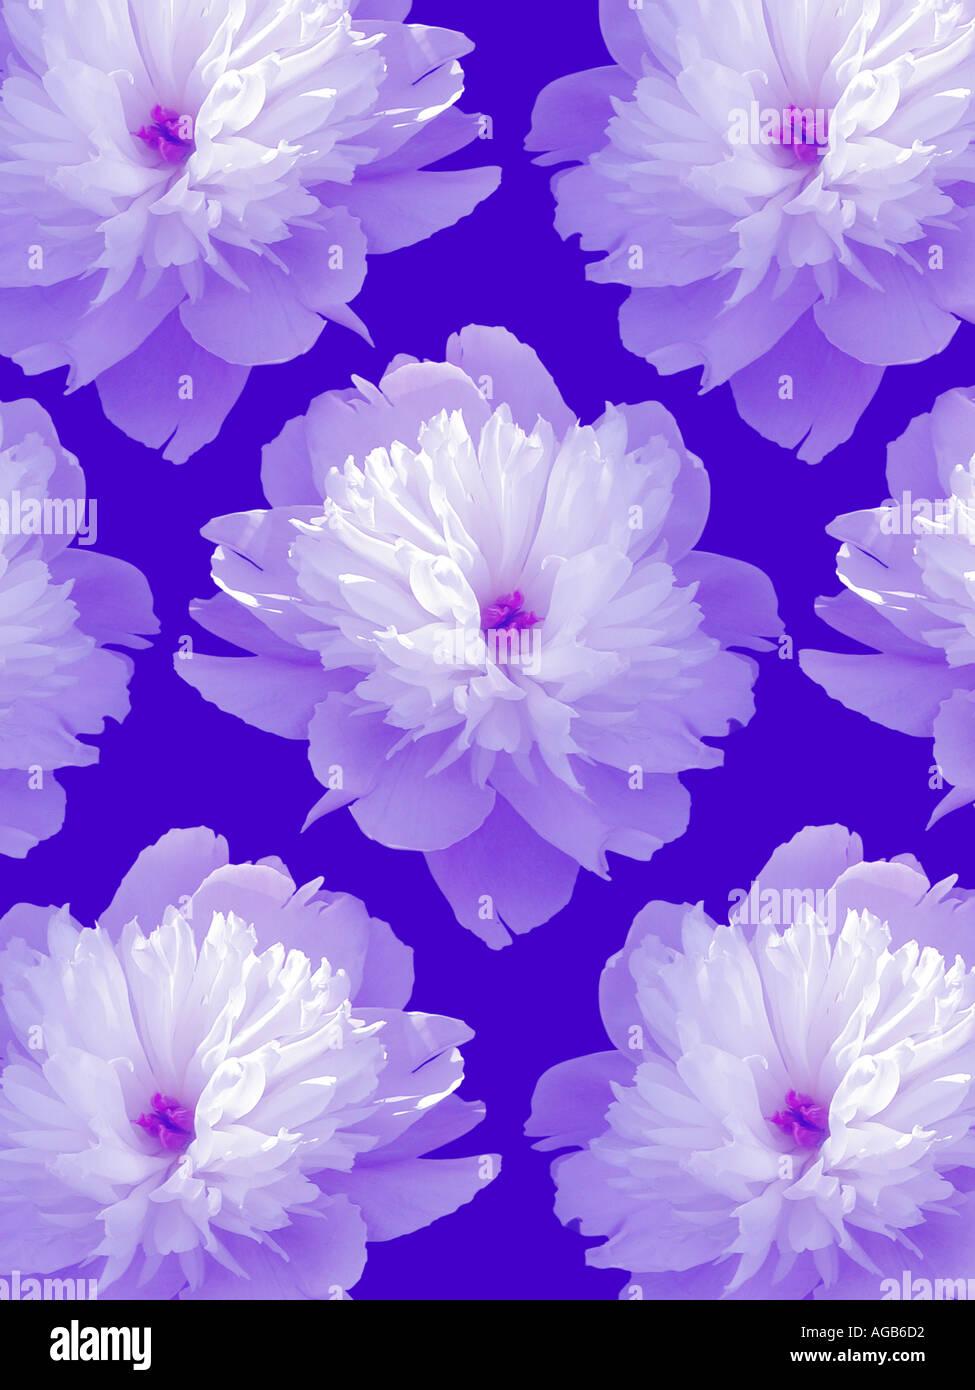 Un patrón de peonías sobre un fondo azul. Imagen De Stock